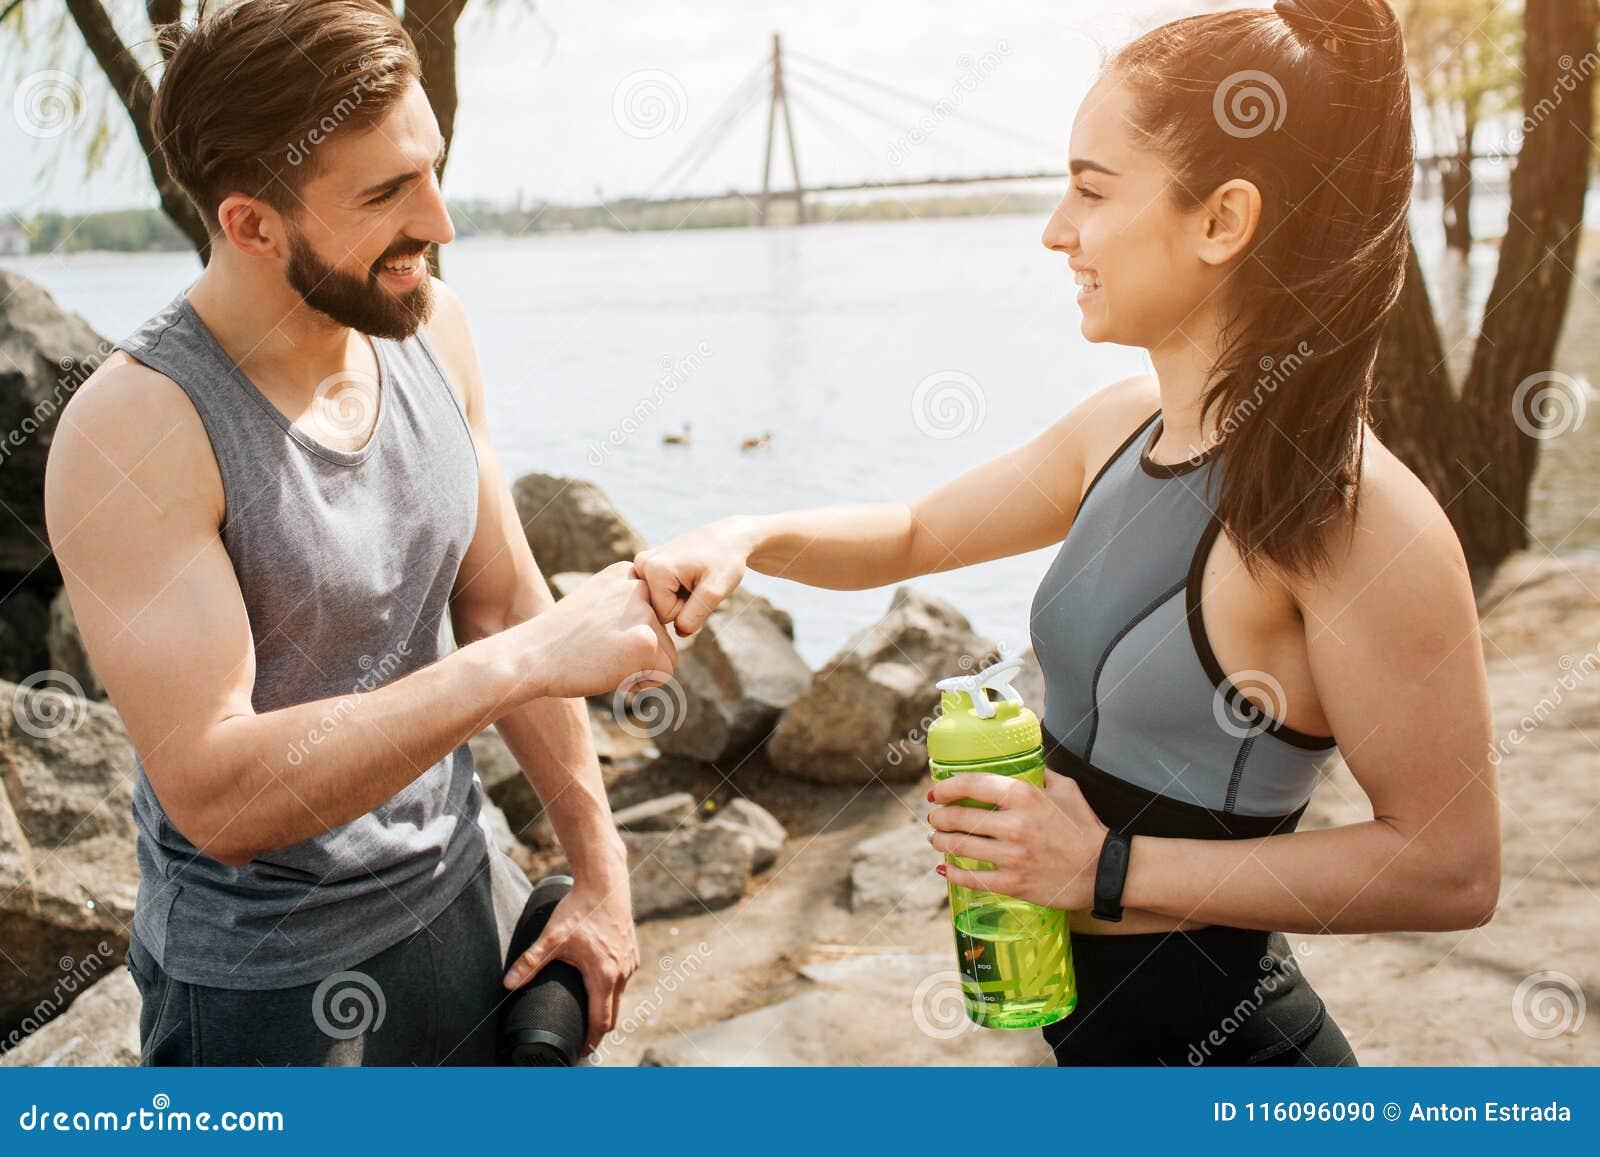 Les gentilles personnes se tiennent devant l un l autre et touchent leurs poings Également ils regardent entre eux et